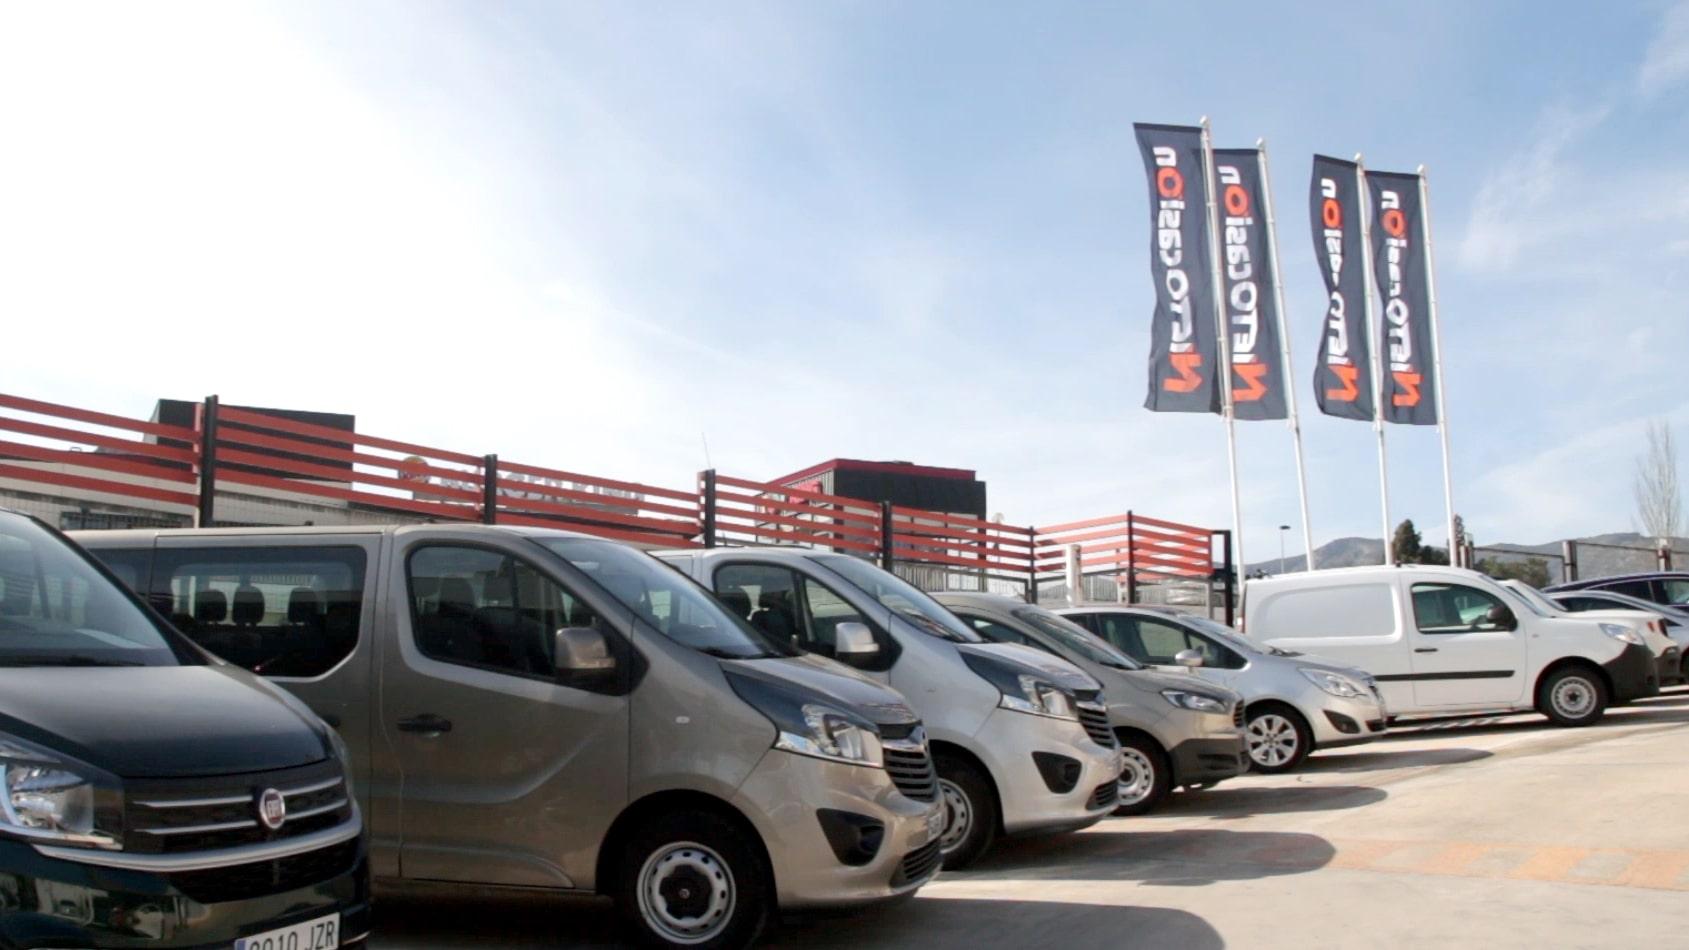 Las ventajas de comprar un coche de ocasión - gna-ang.com